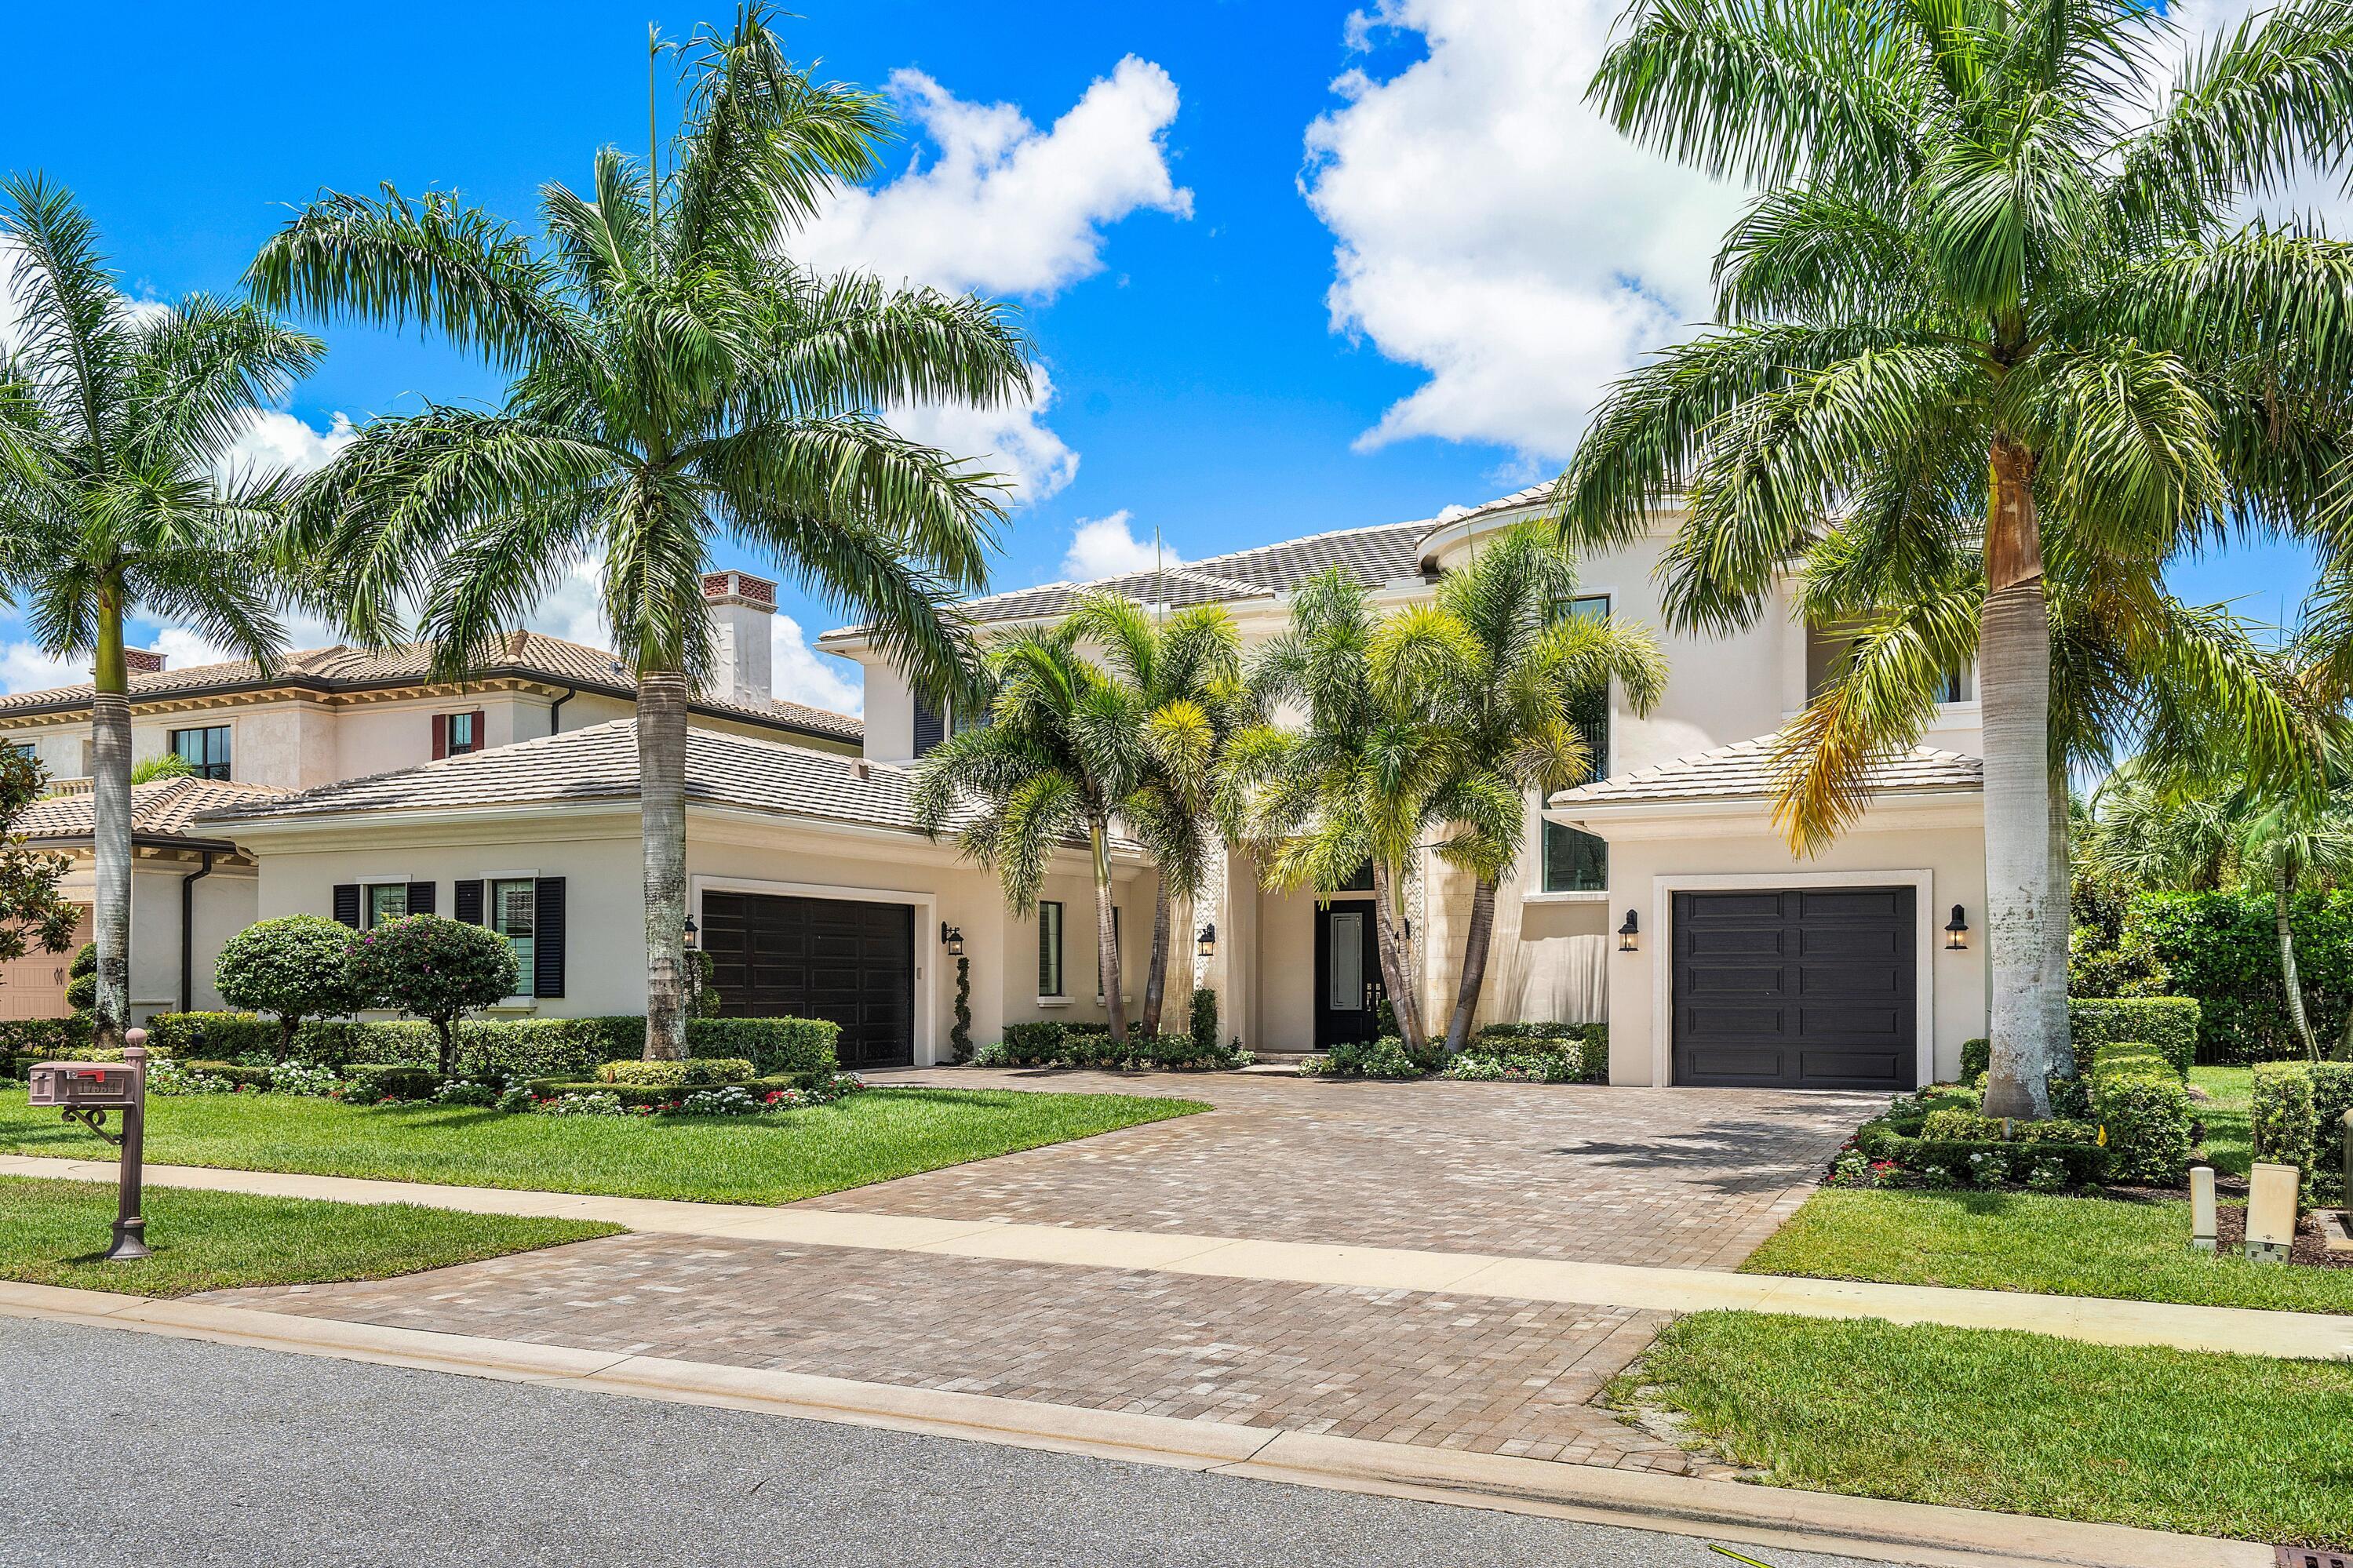 17534 Cadena Drive Boca Raton, FL 33496